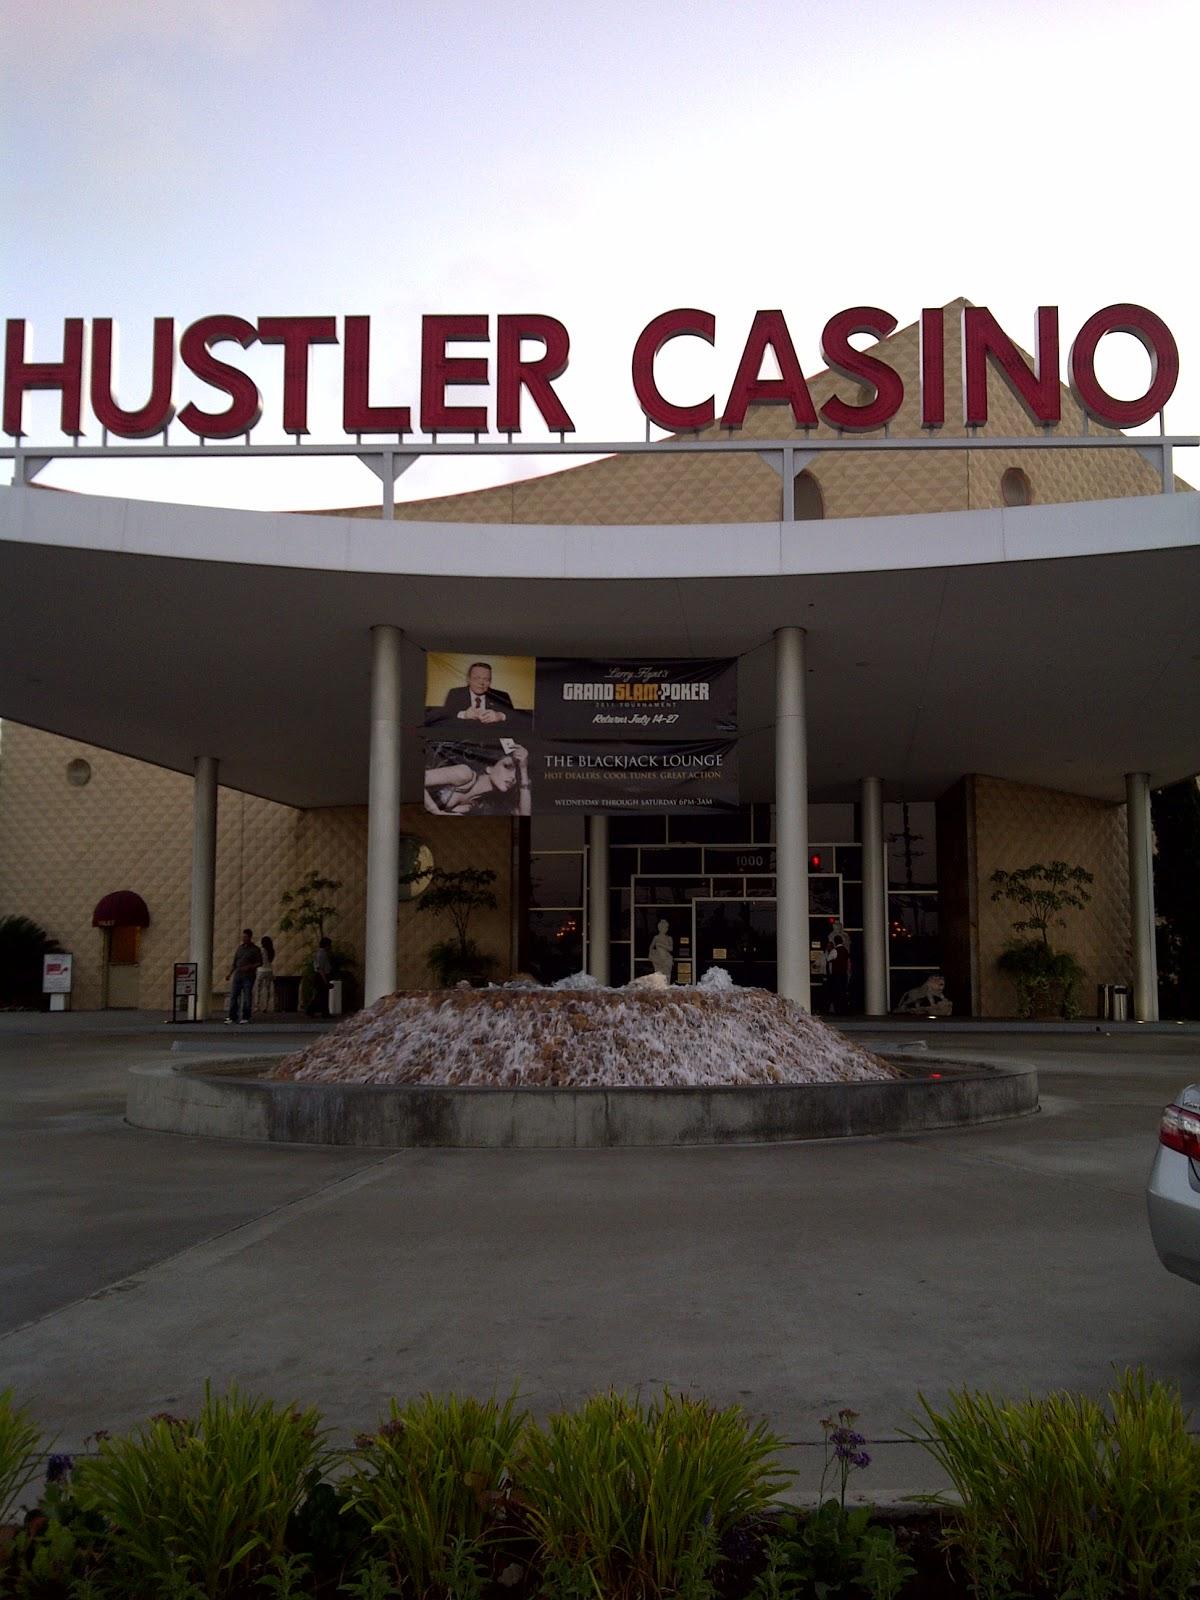 Hustler casino la new york new york casino homepage